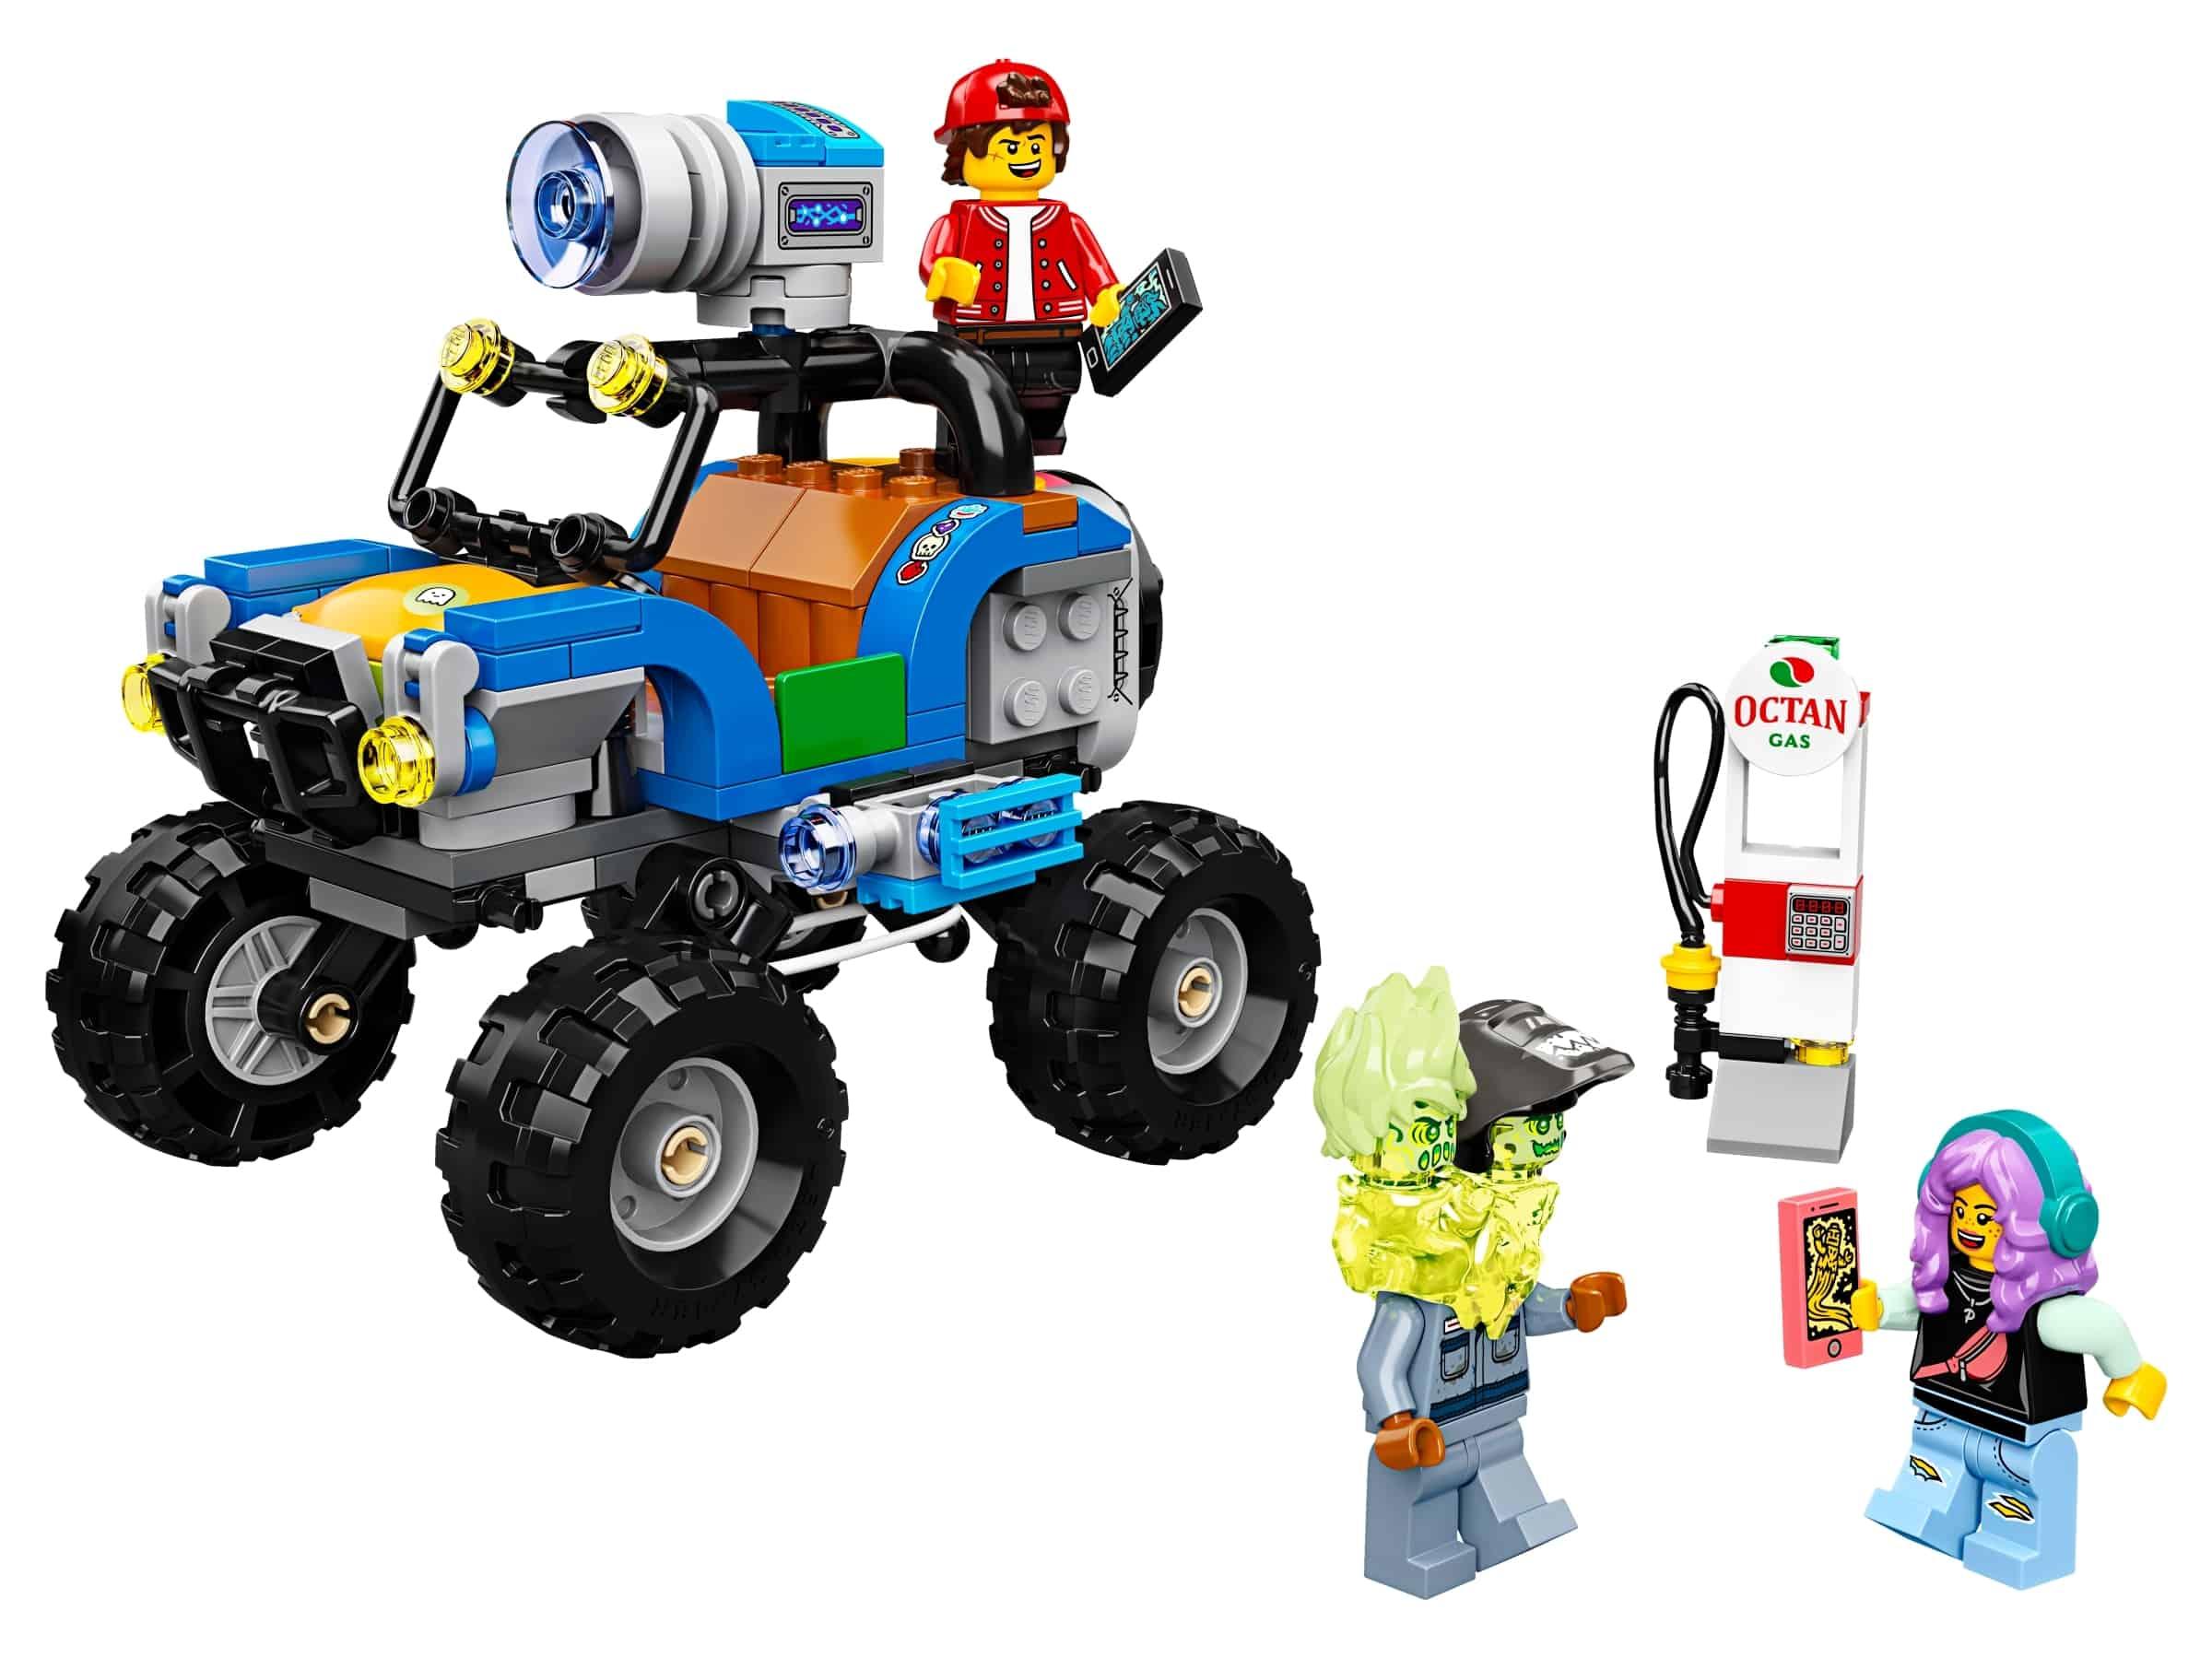 lego jacks strandbuggy 70428